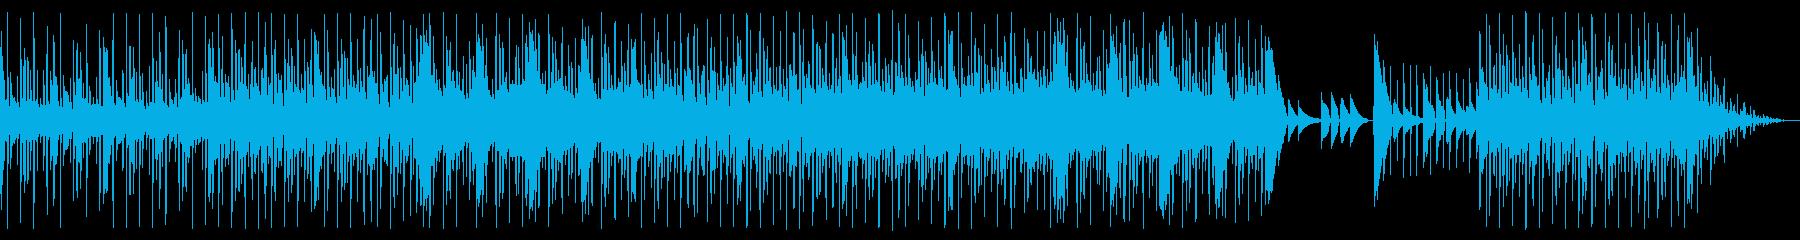 クールでホワホワしたポップ_No531の再生済みの波形